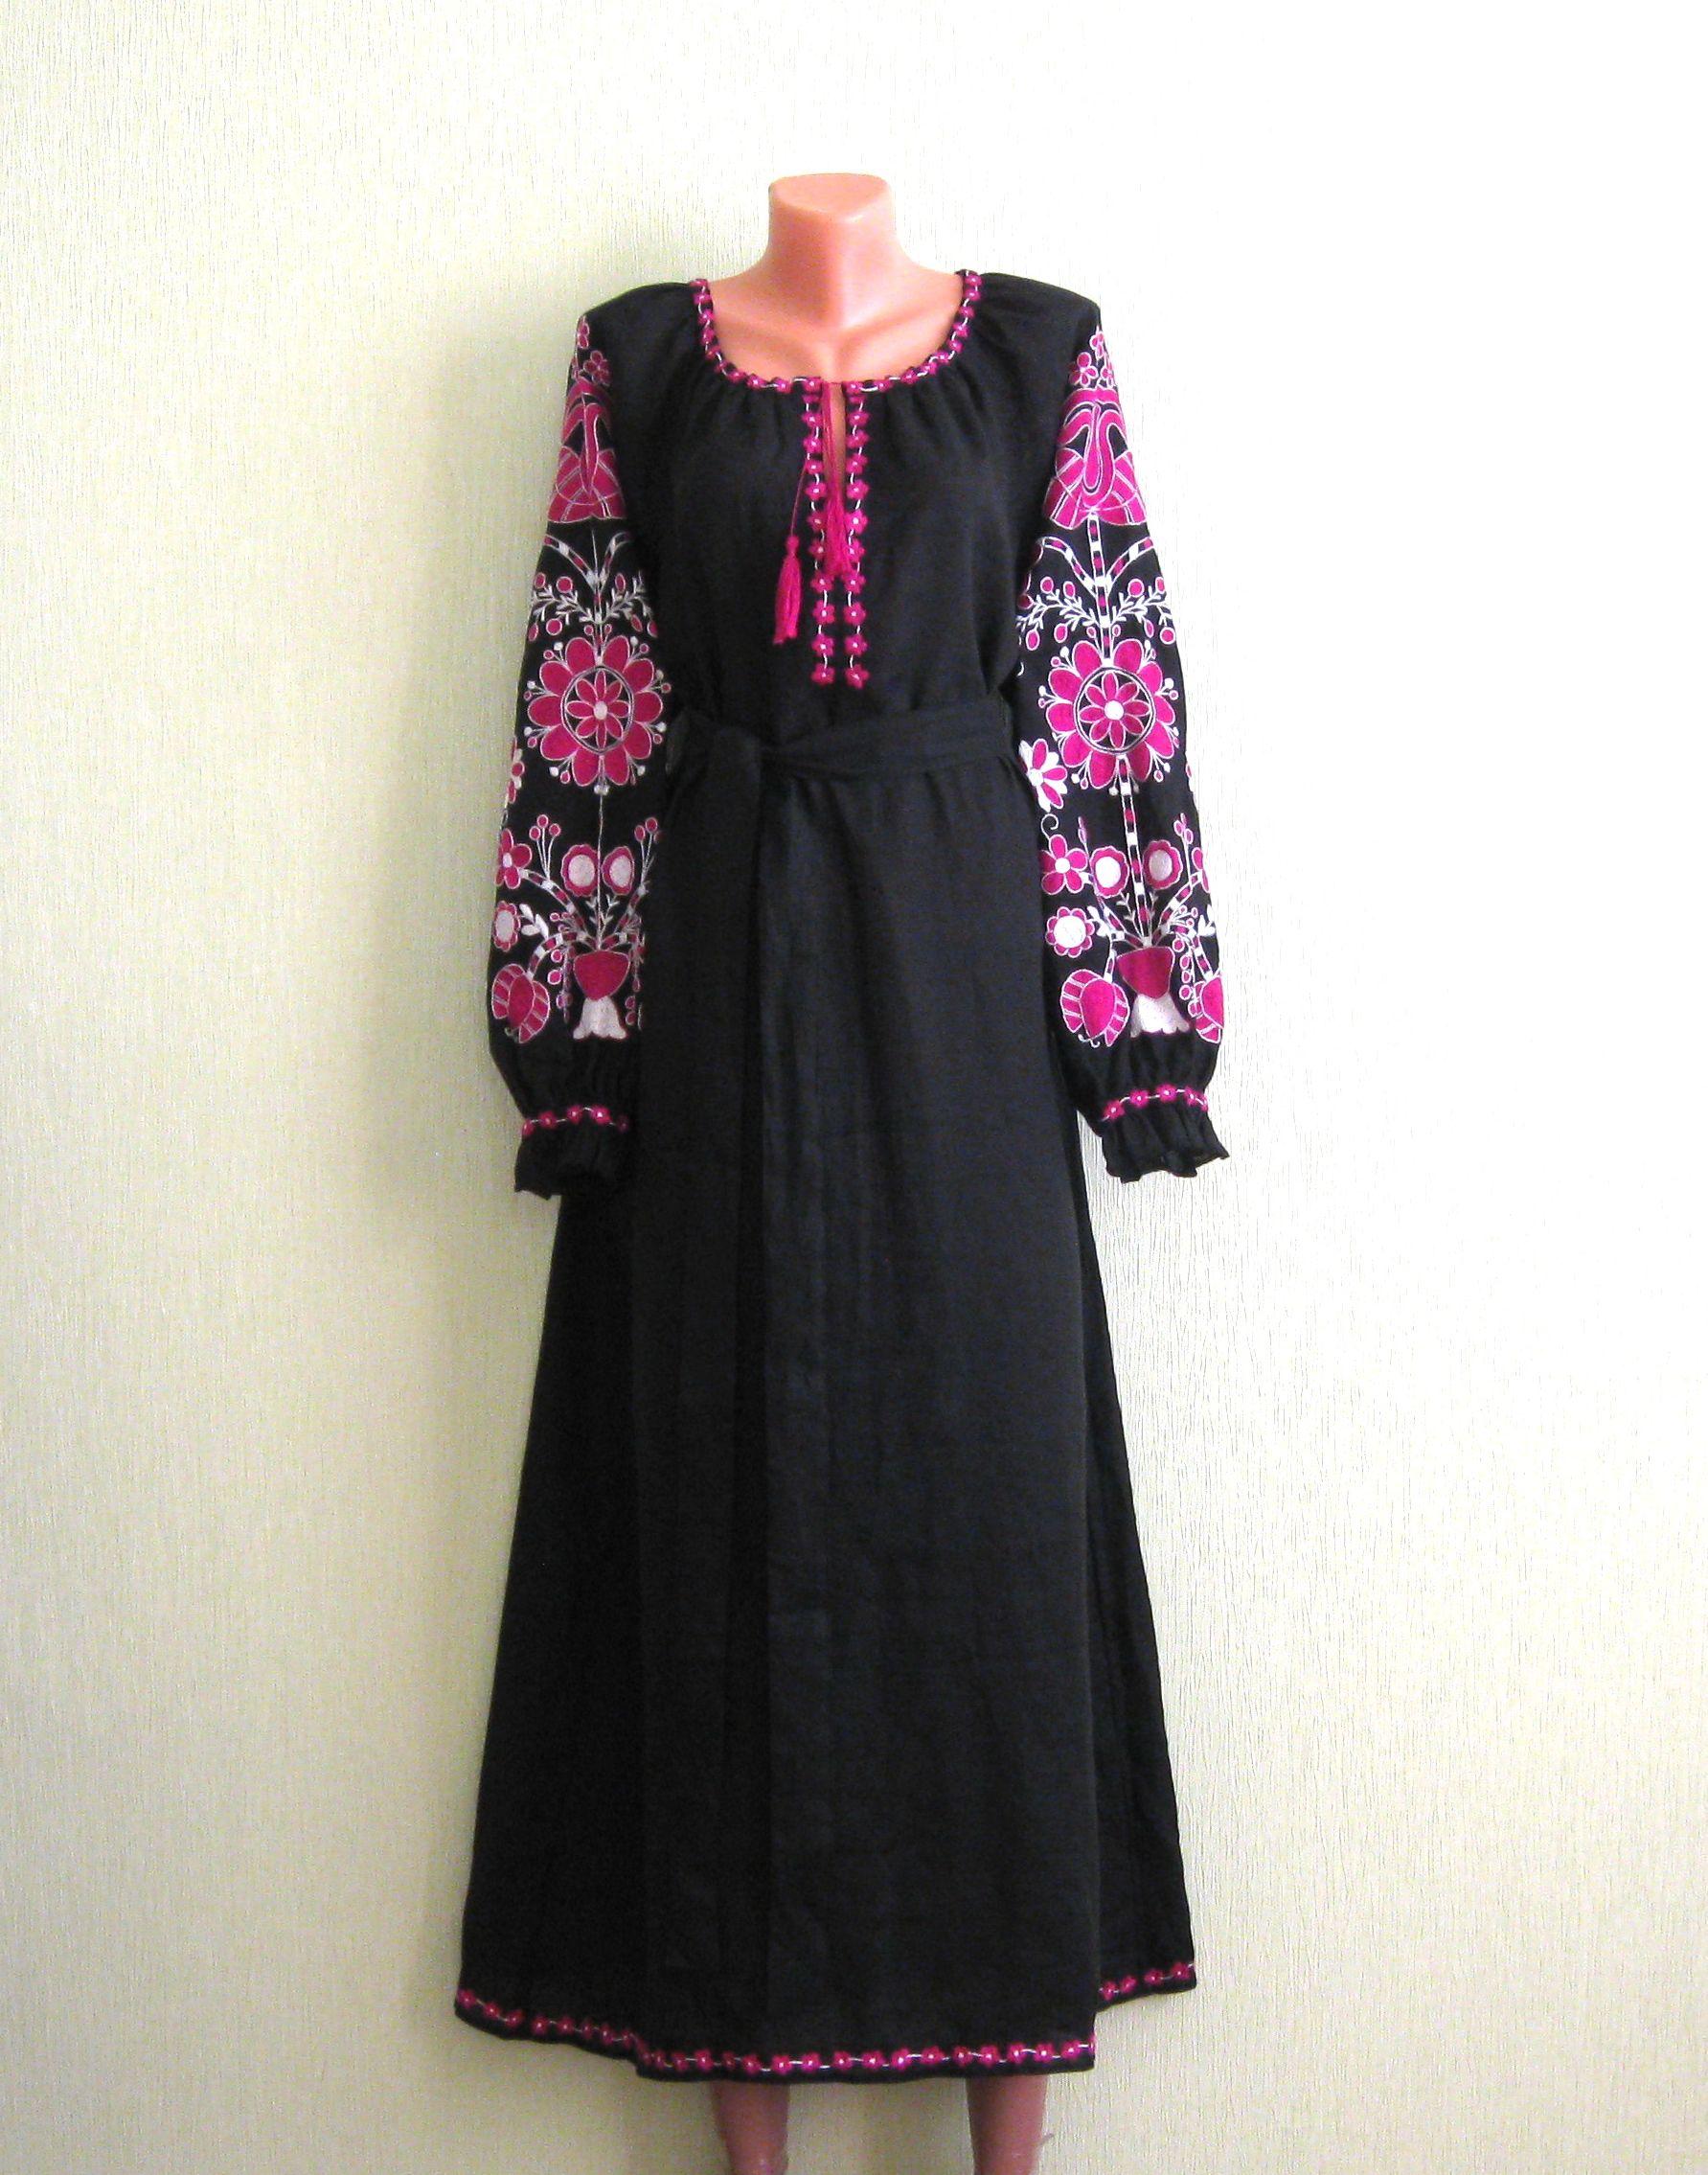 Сукня в стилі Віти Кін ручної роботи ціна e8e1c7477ad10